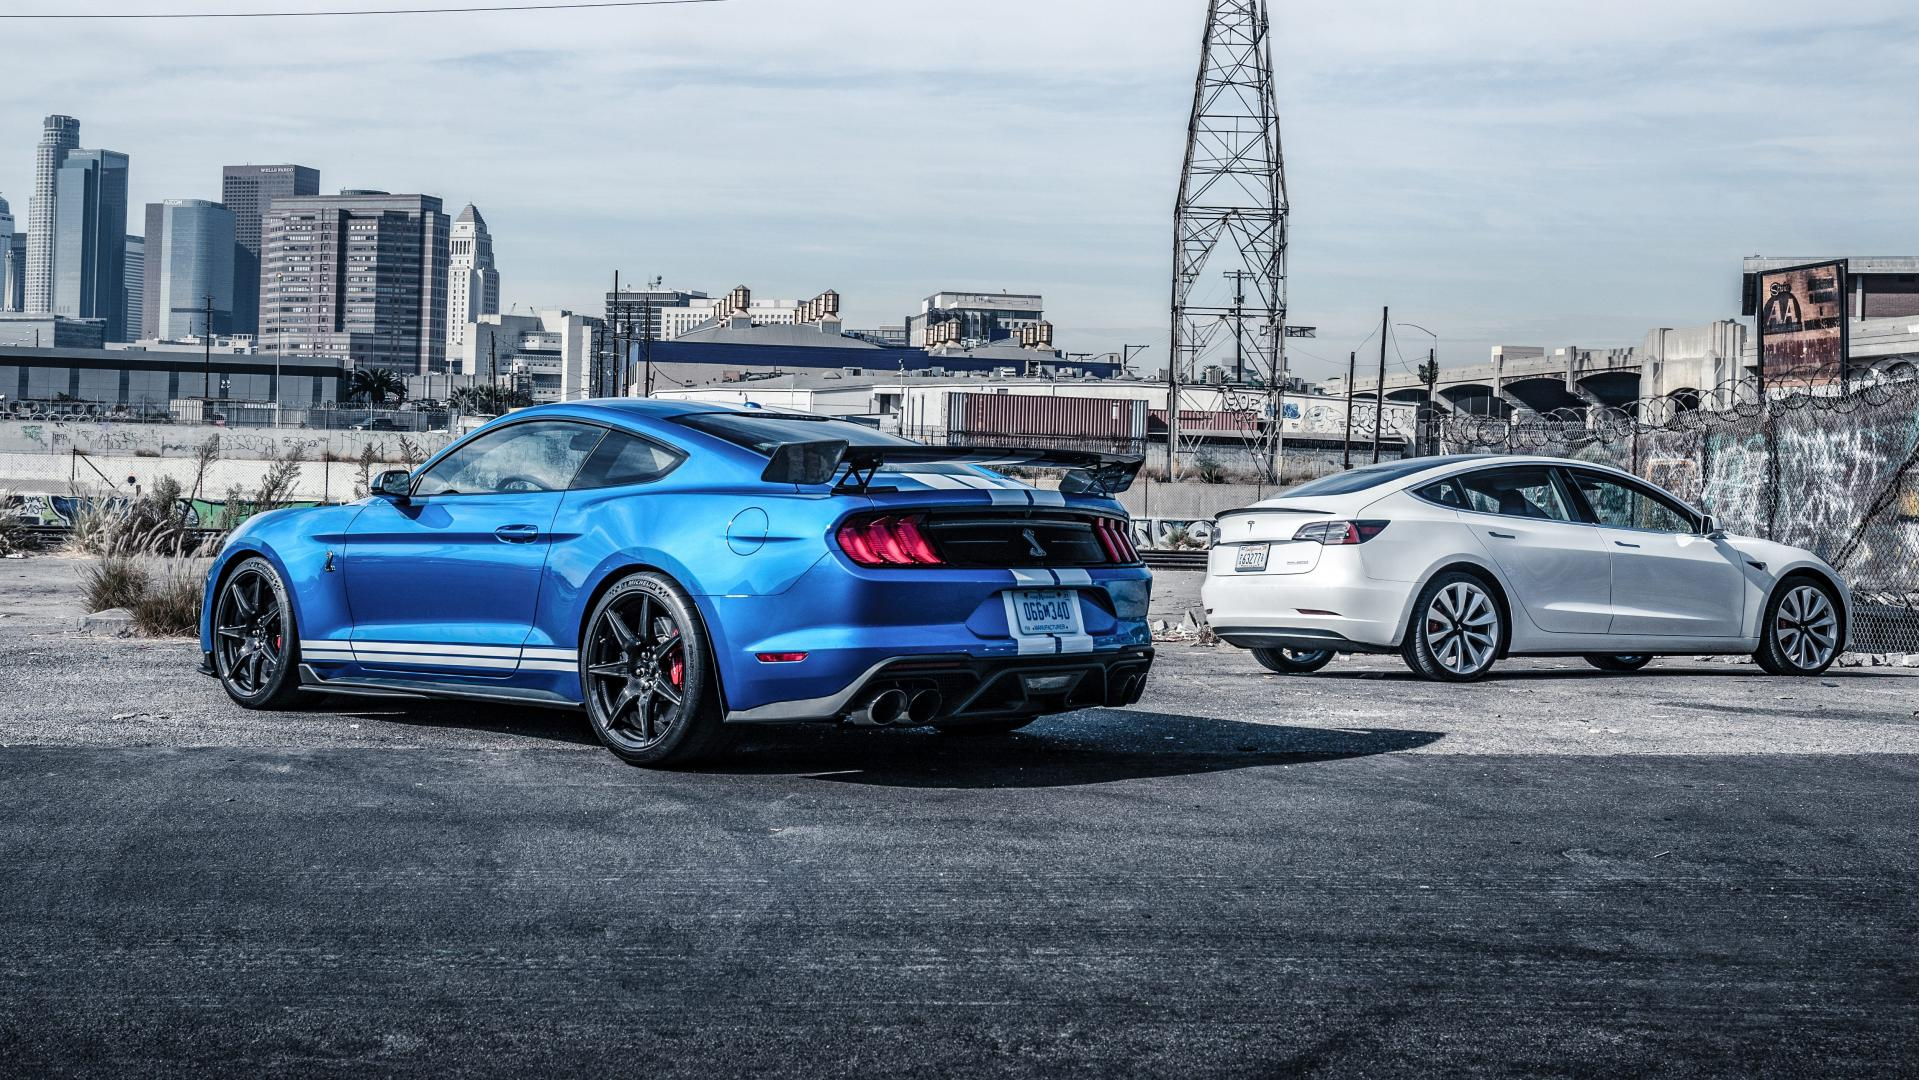 Ford Mustang Shelby GT500 vs Tesla Model 3 achterkanten